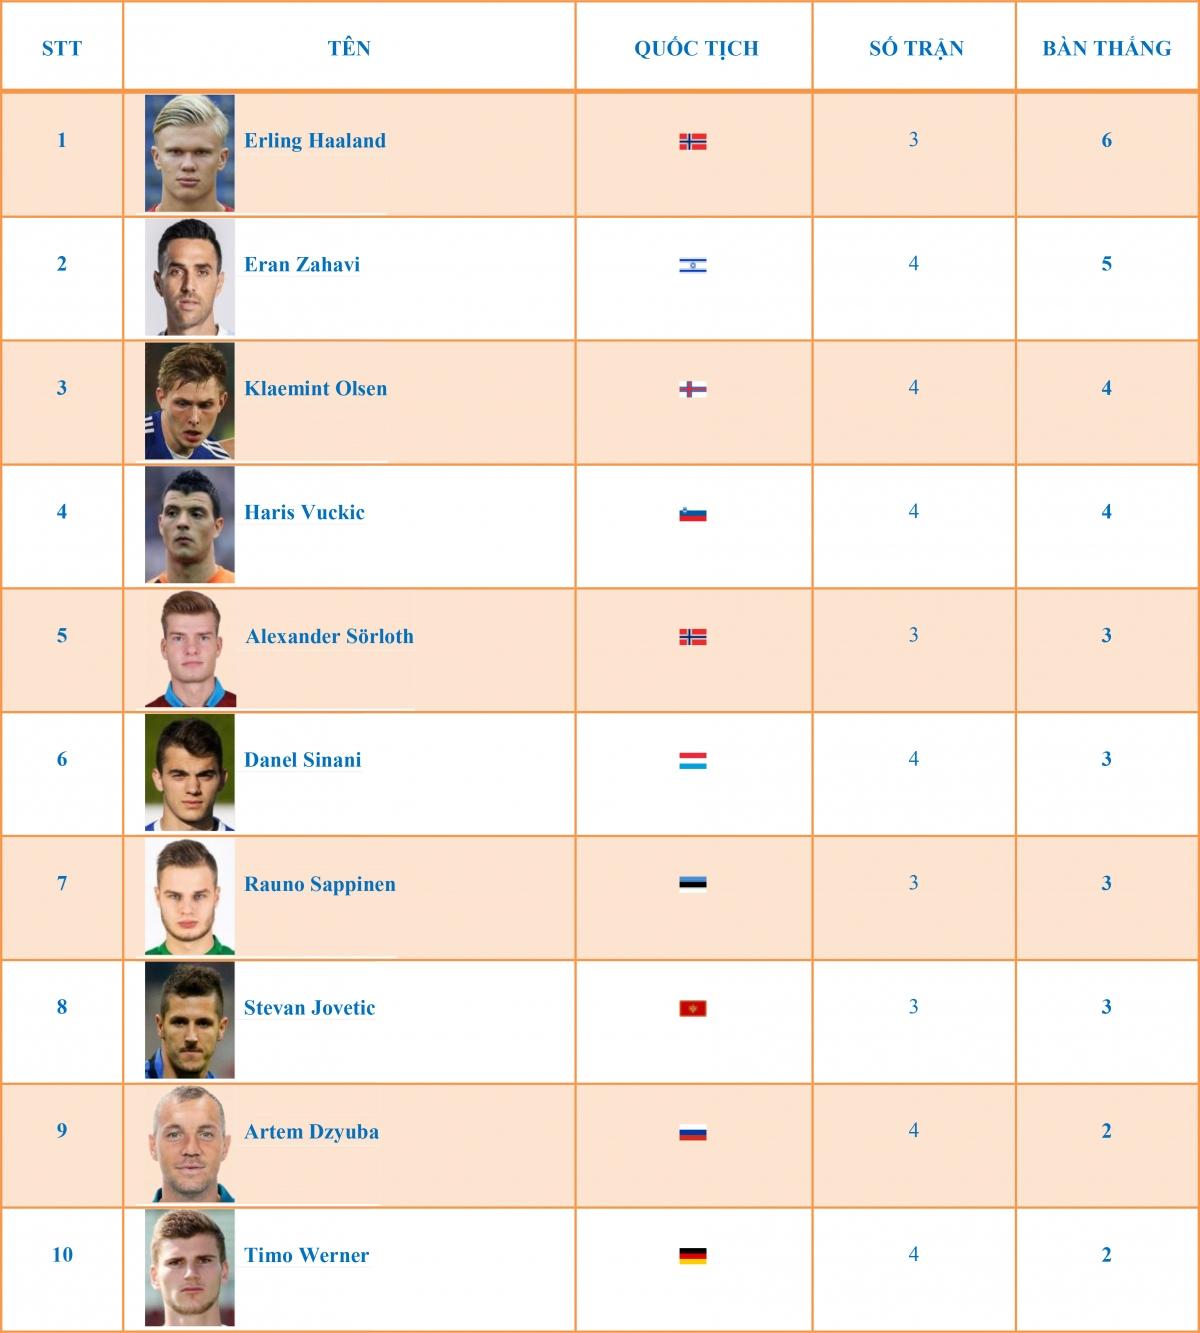 """10 cầu thủ dẫn đầu danh sách """"dội bom"""" ở UEFA Nations League 2020/2021."""